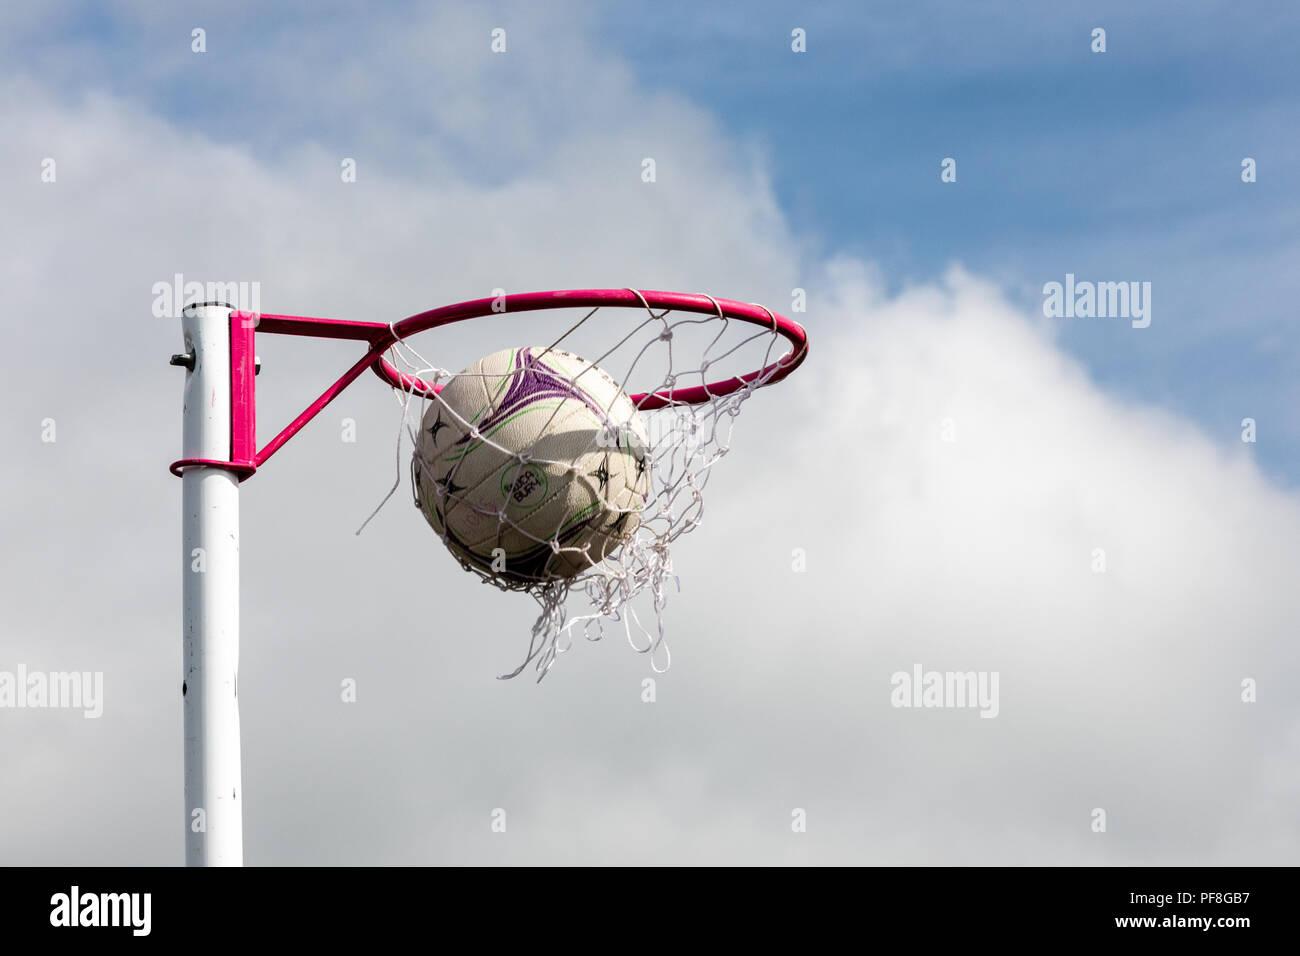 El balonvolea puestos con el balonvolea atravesando la red marcó un gol contra un cielo azul. Imagen De Stock